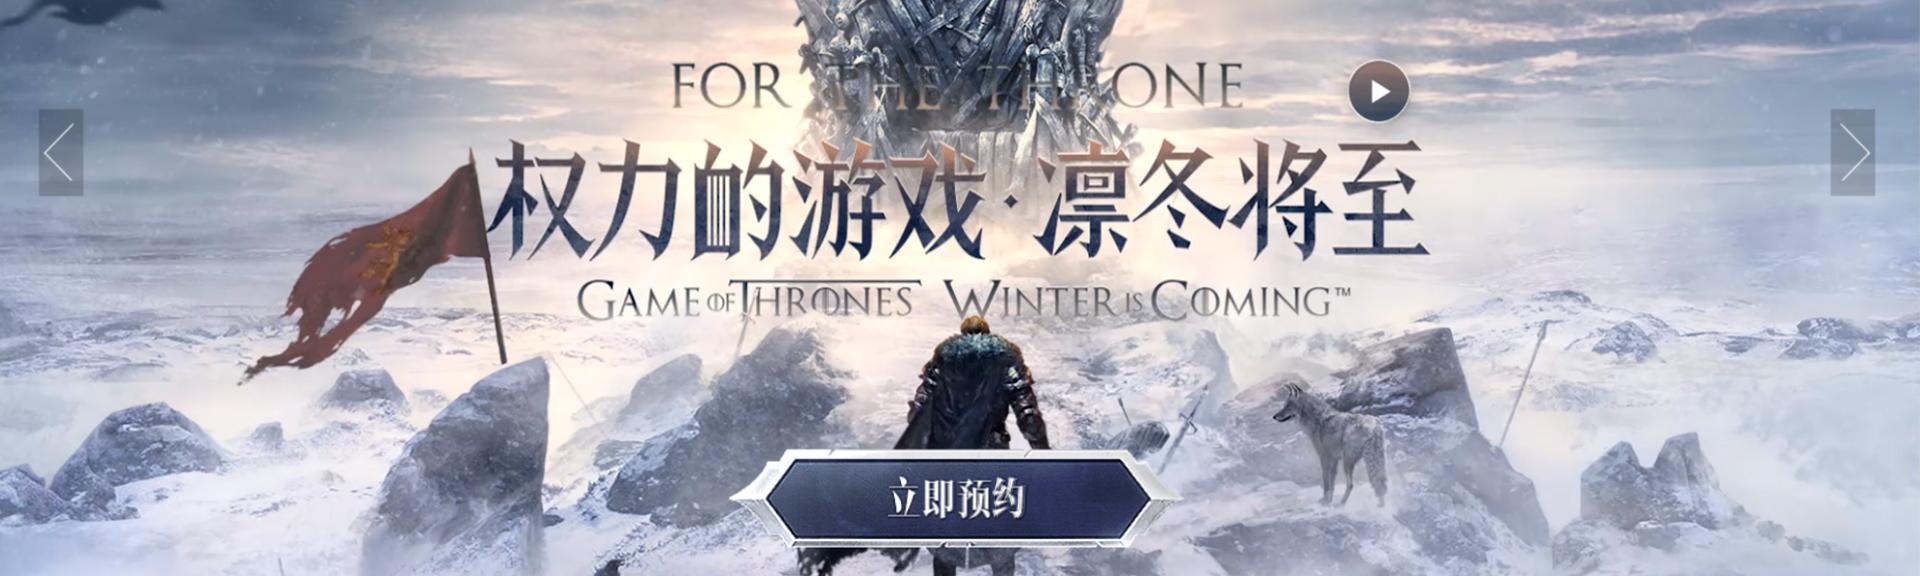 《權力的游戲 凜冬將至》手游兵種系統曝光